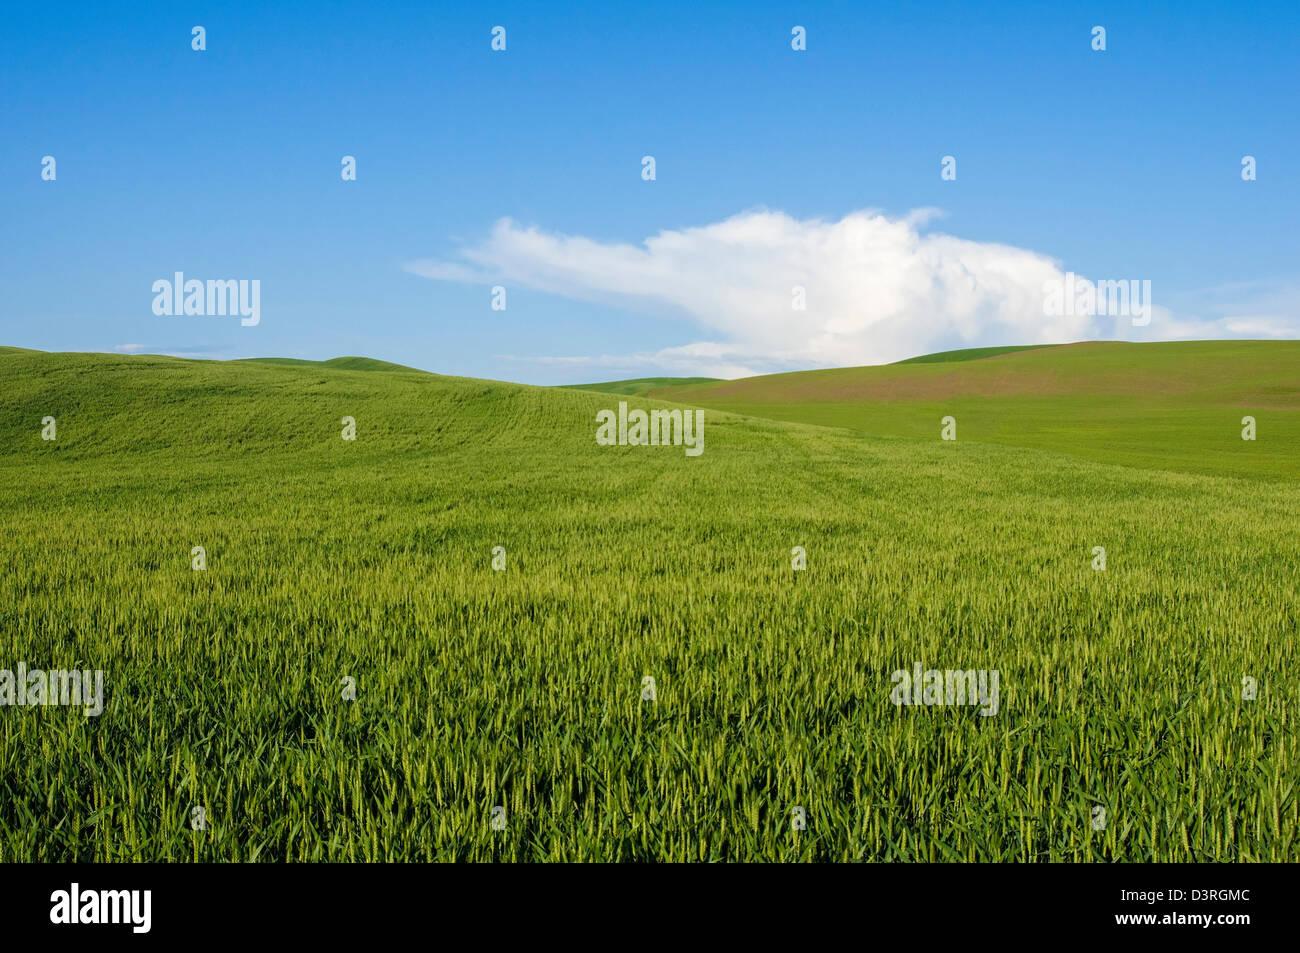 Field near Uniontown, Palouse wheat country, Washington. - Stock Image